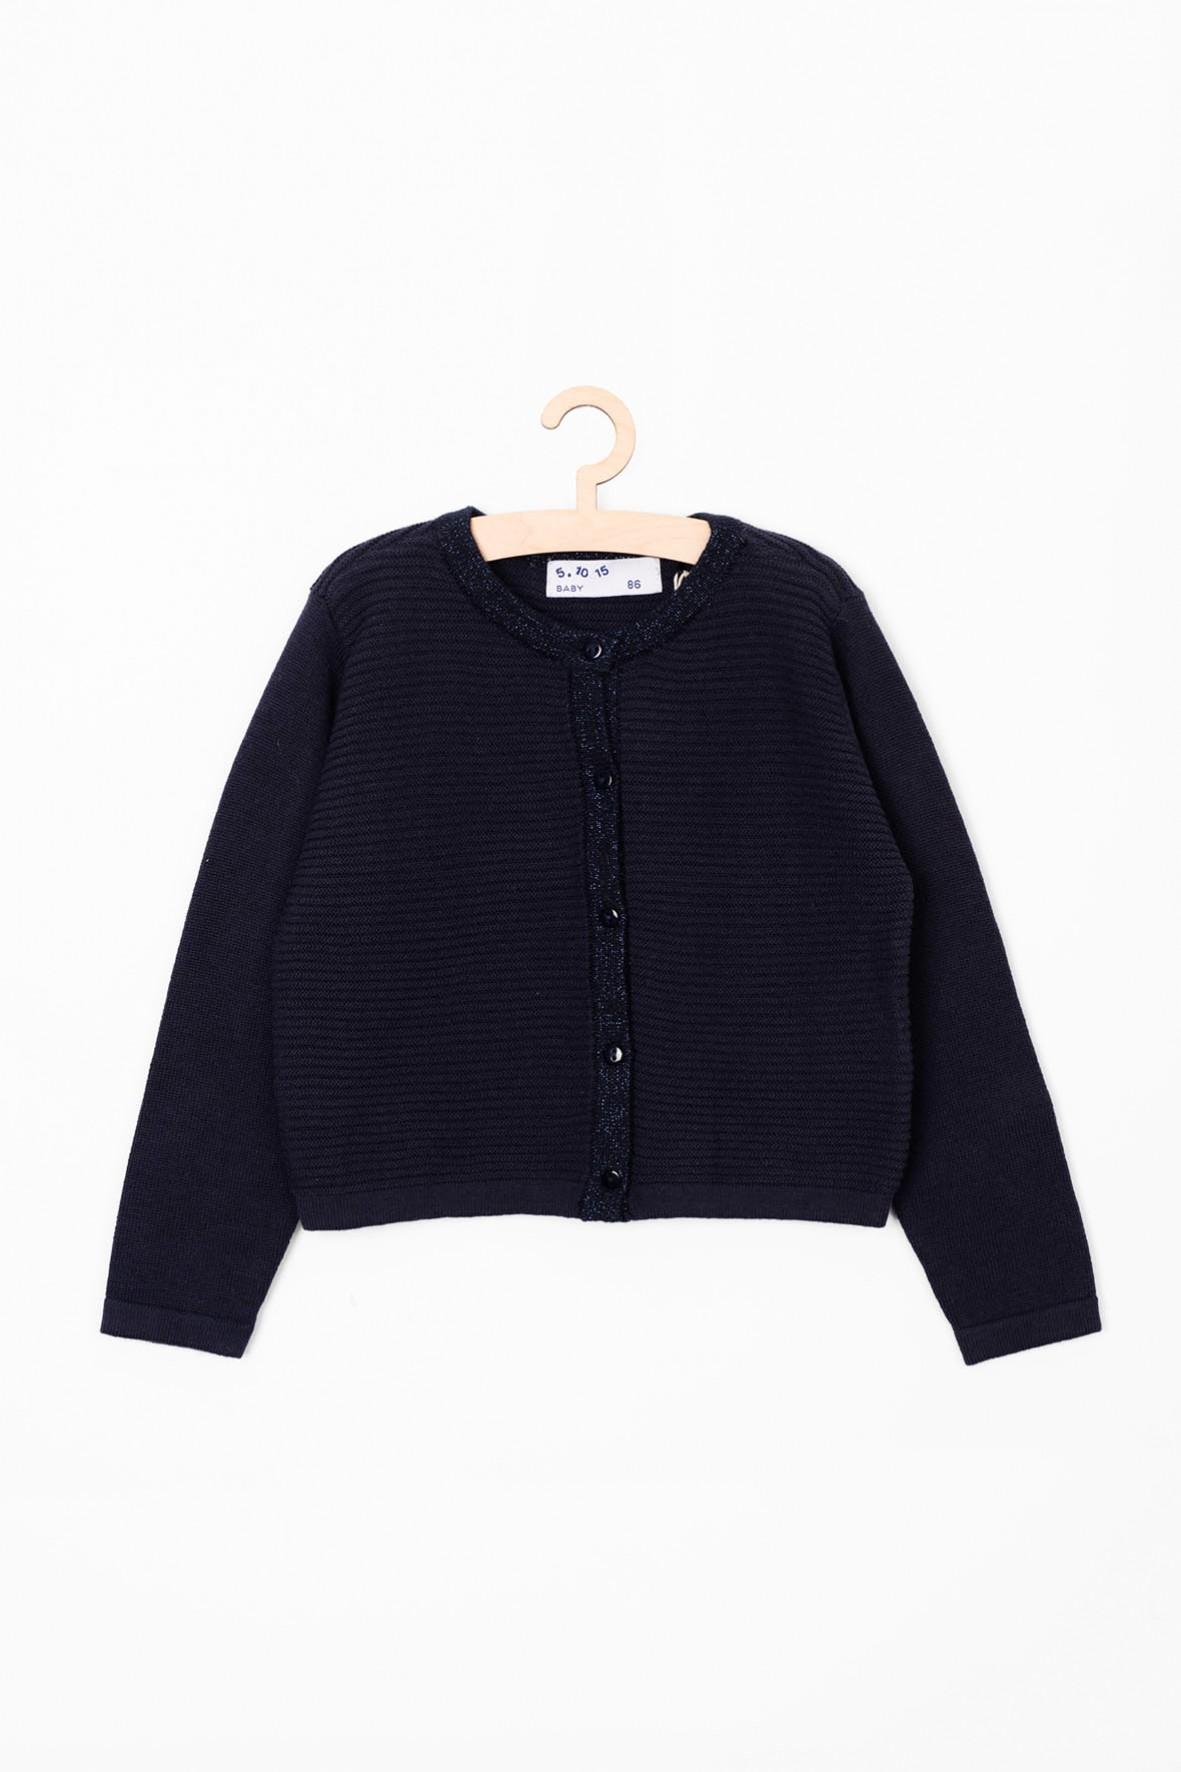 Elegancki granatowy sweter dla dziewczynki